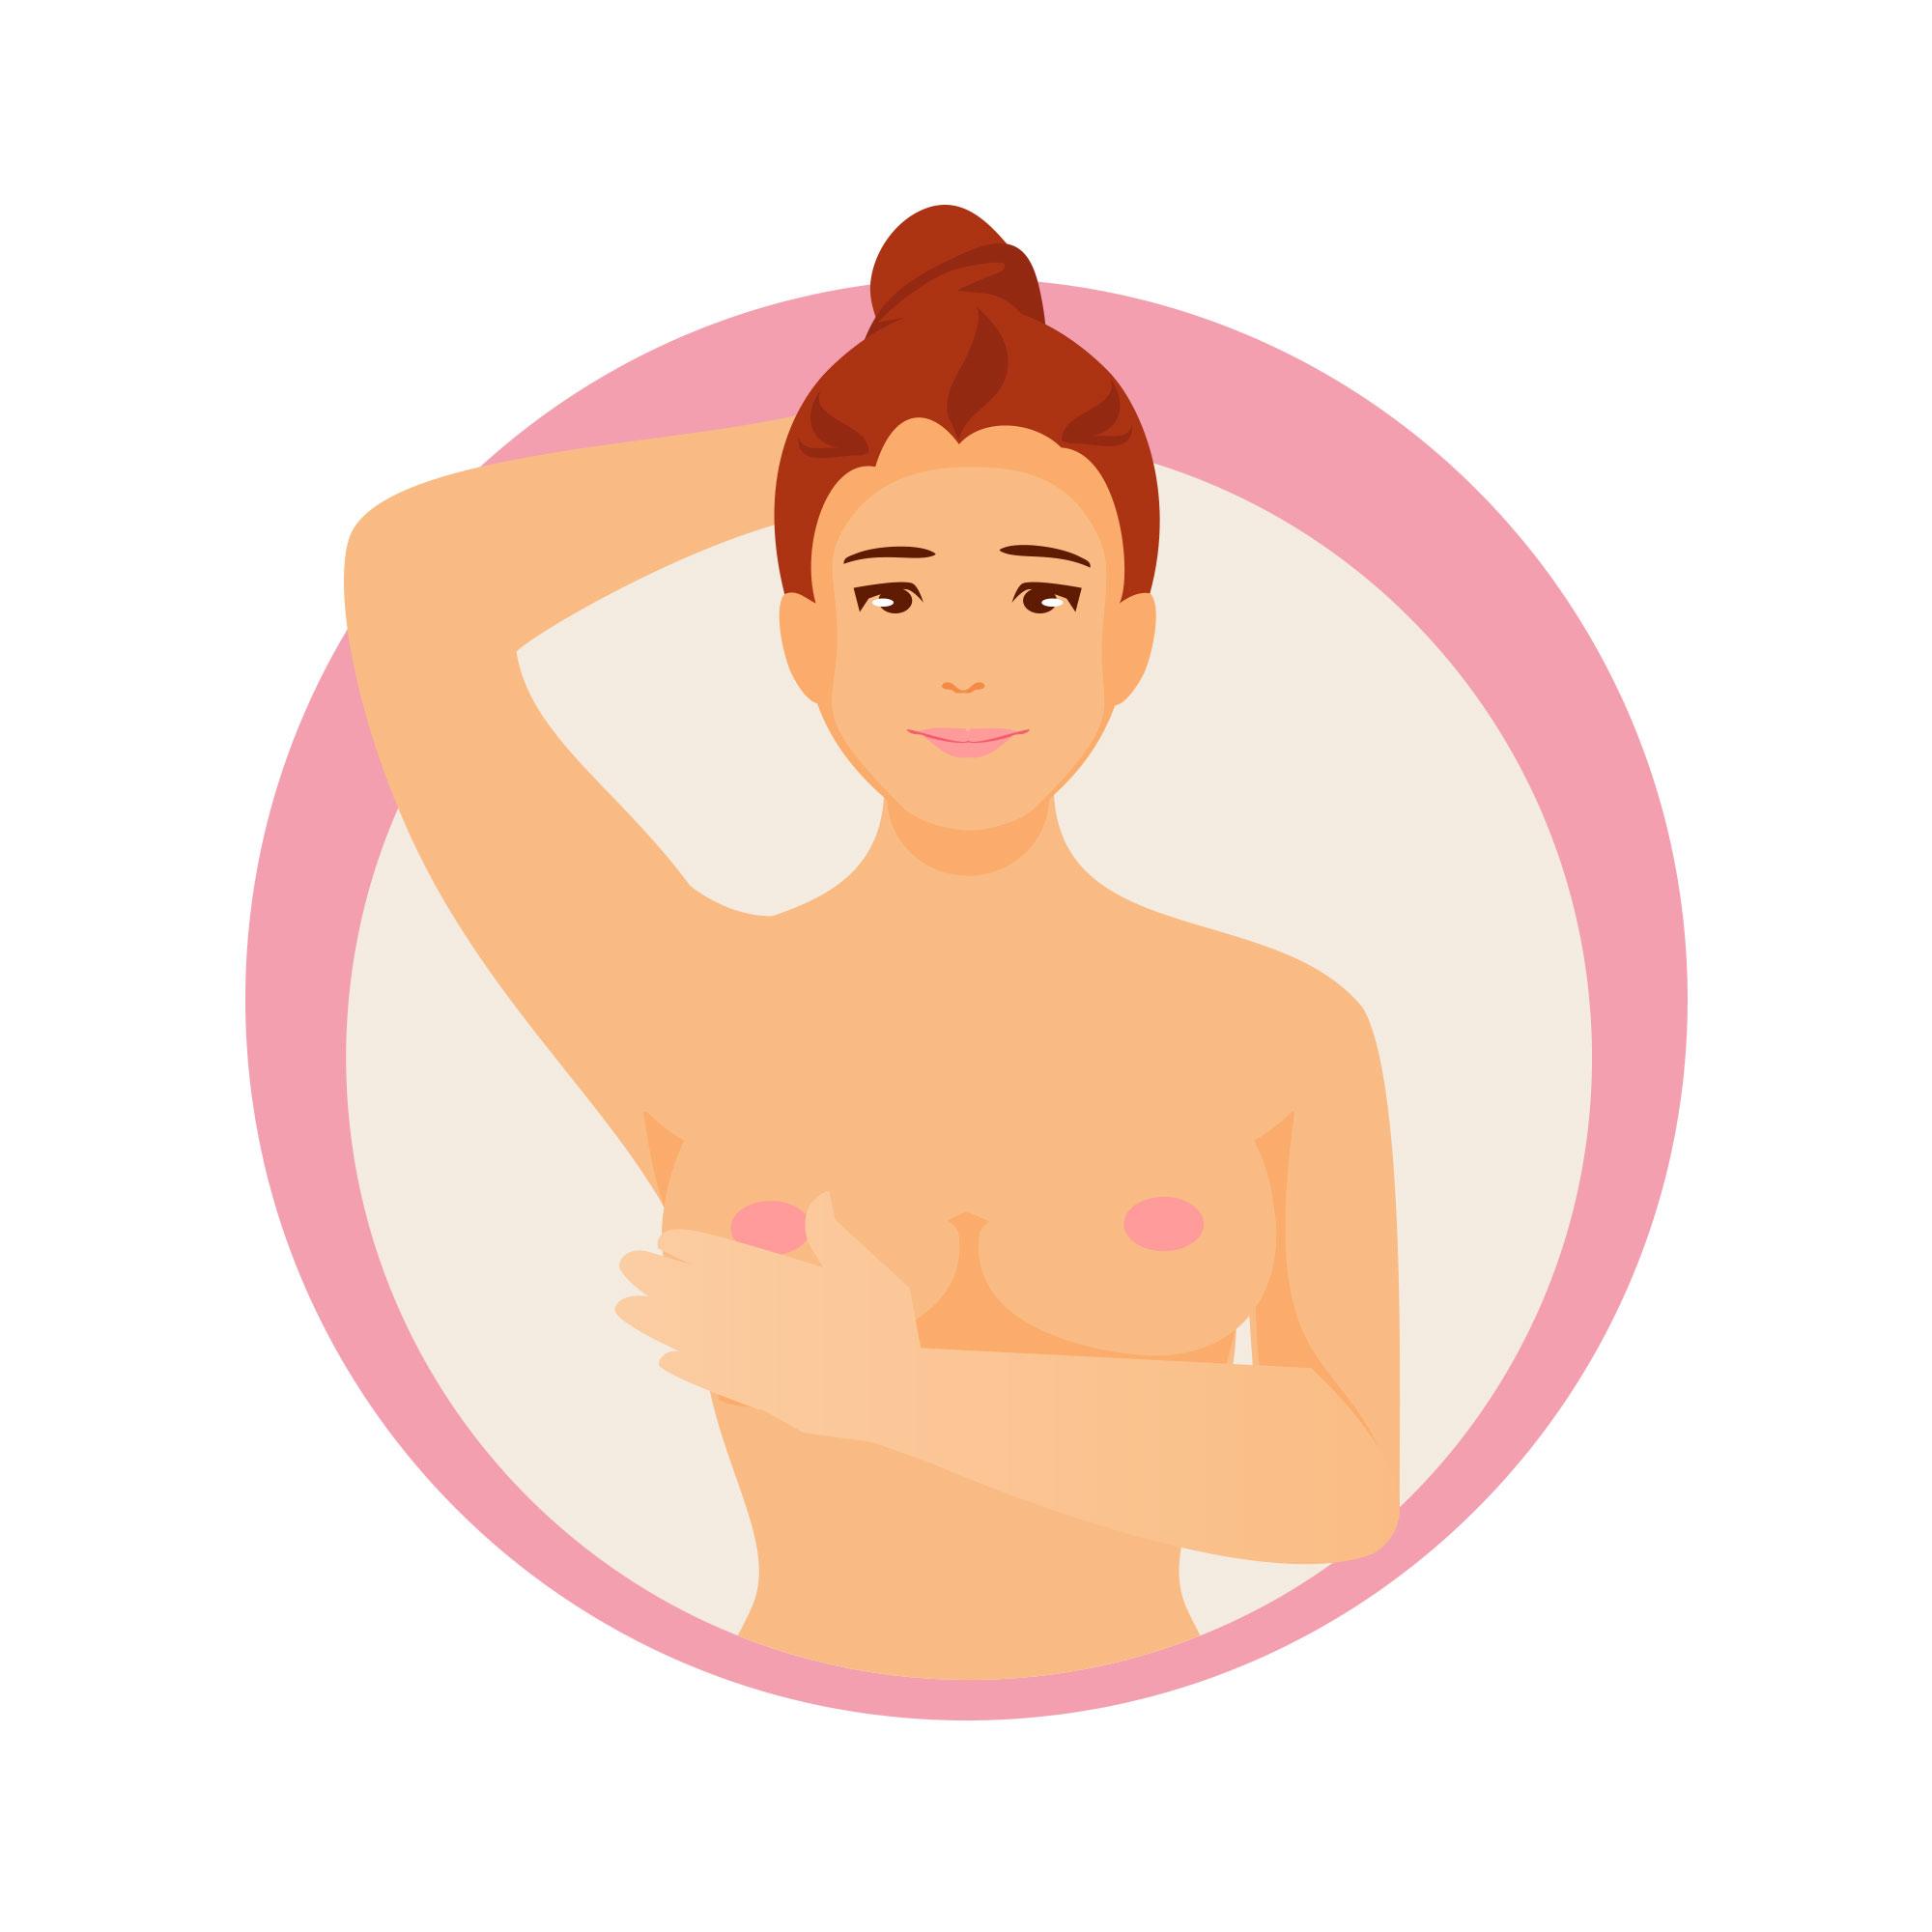 Brust abtasten - Schritt 4